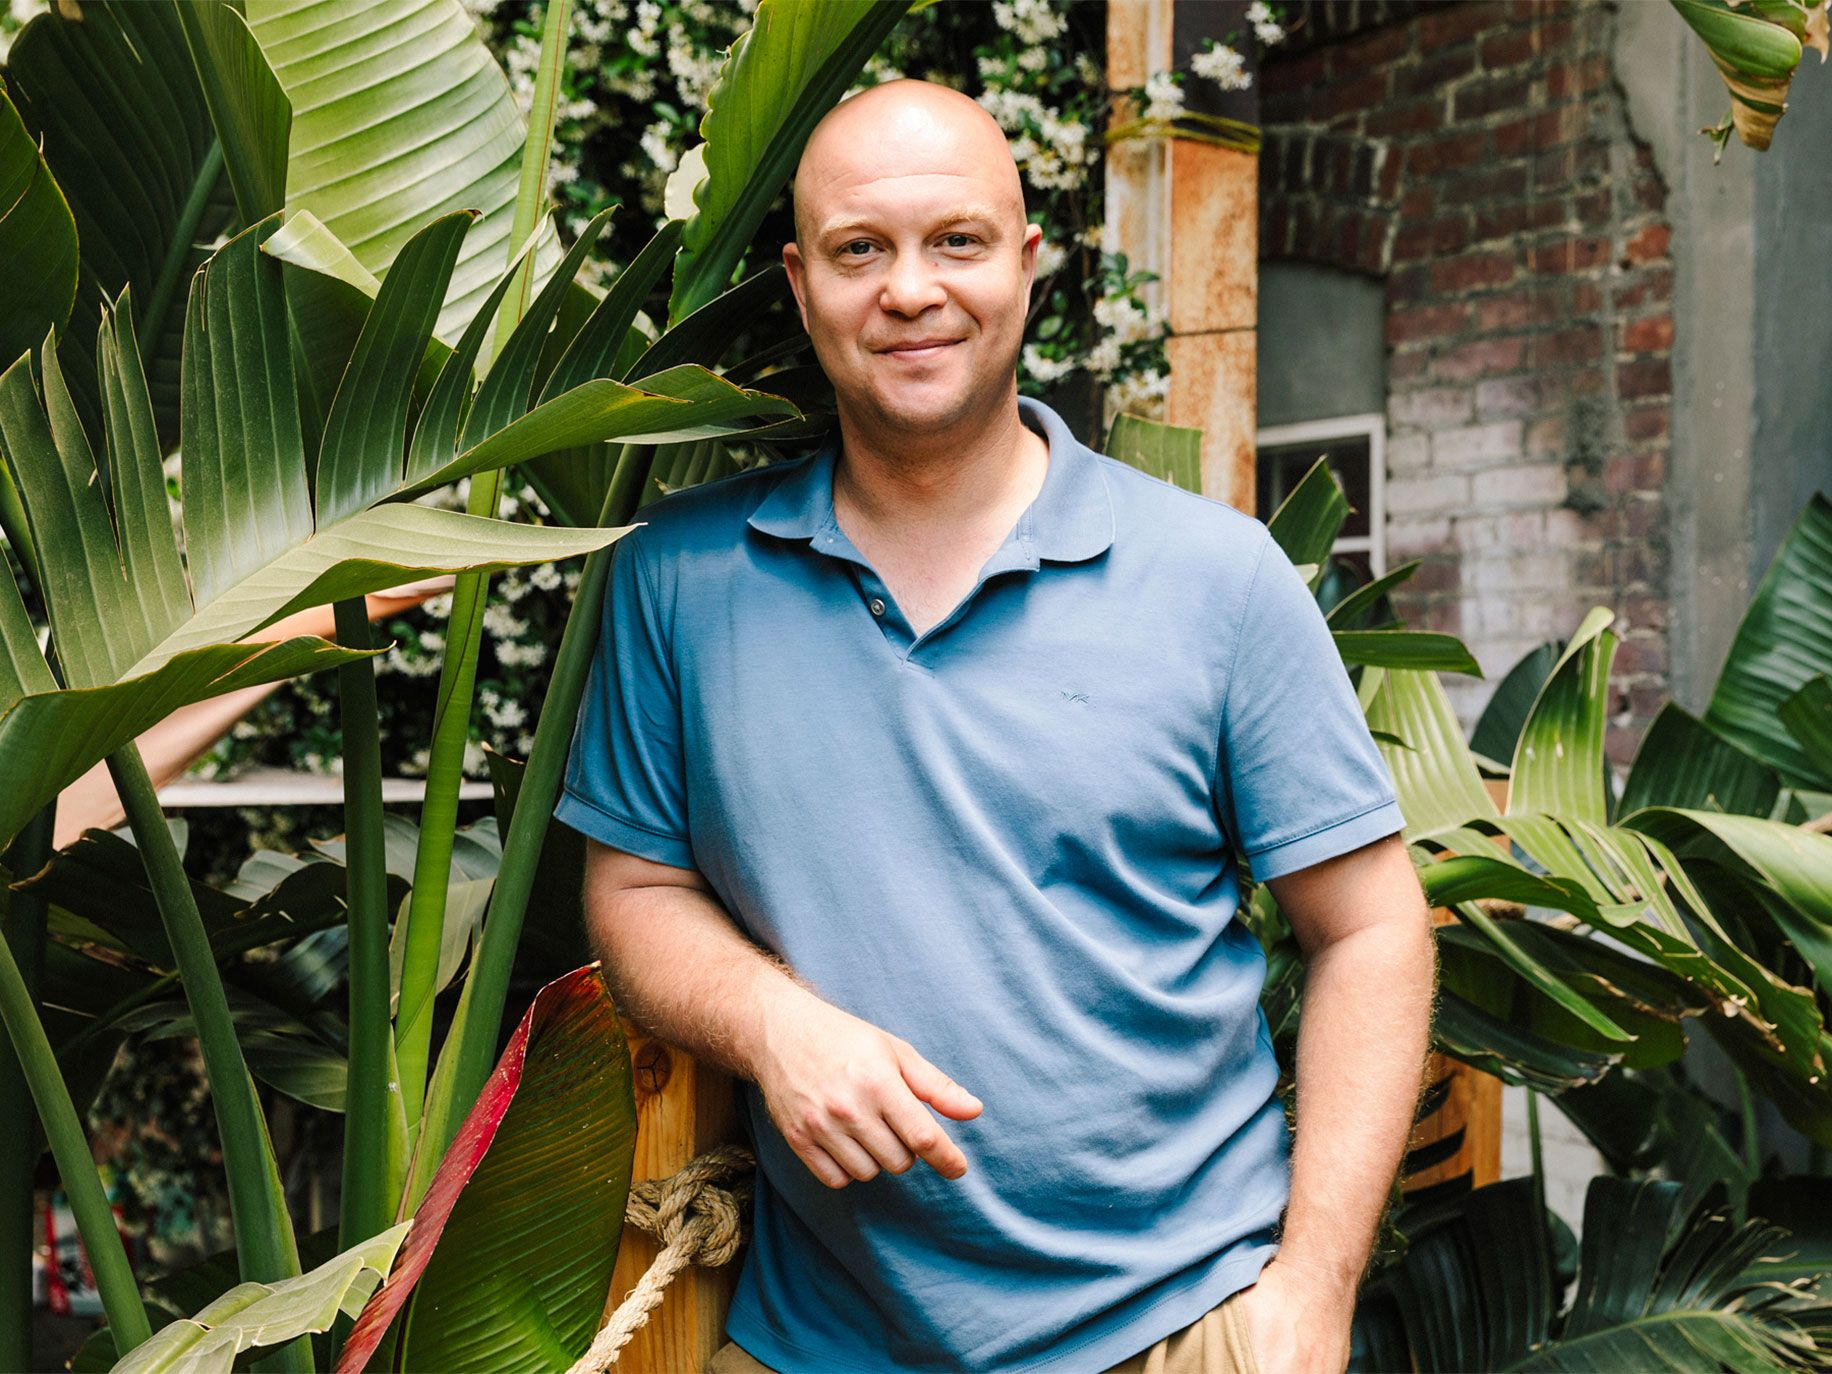 Lost Spirits co-founder Bryan Davis.